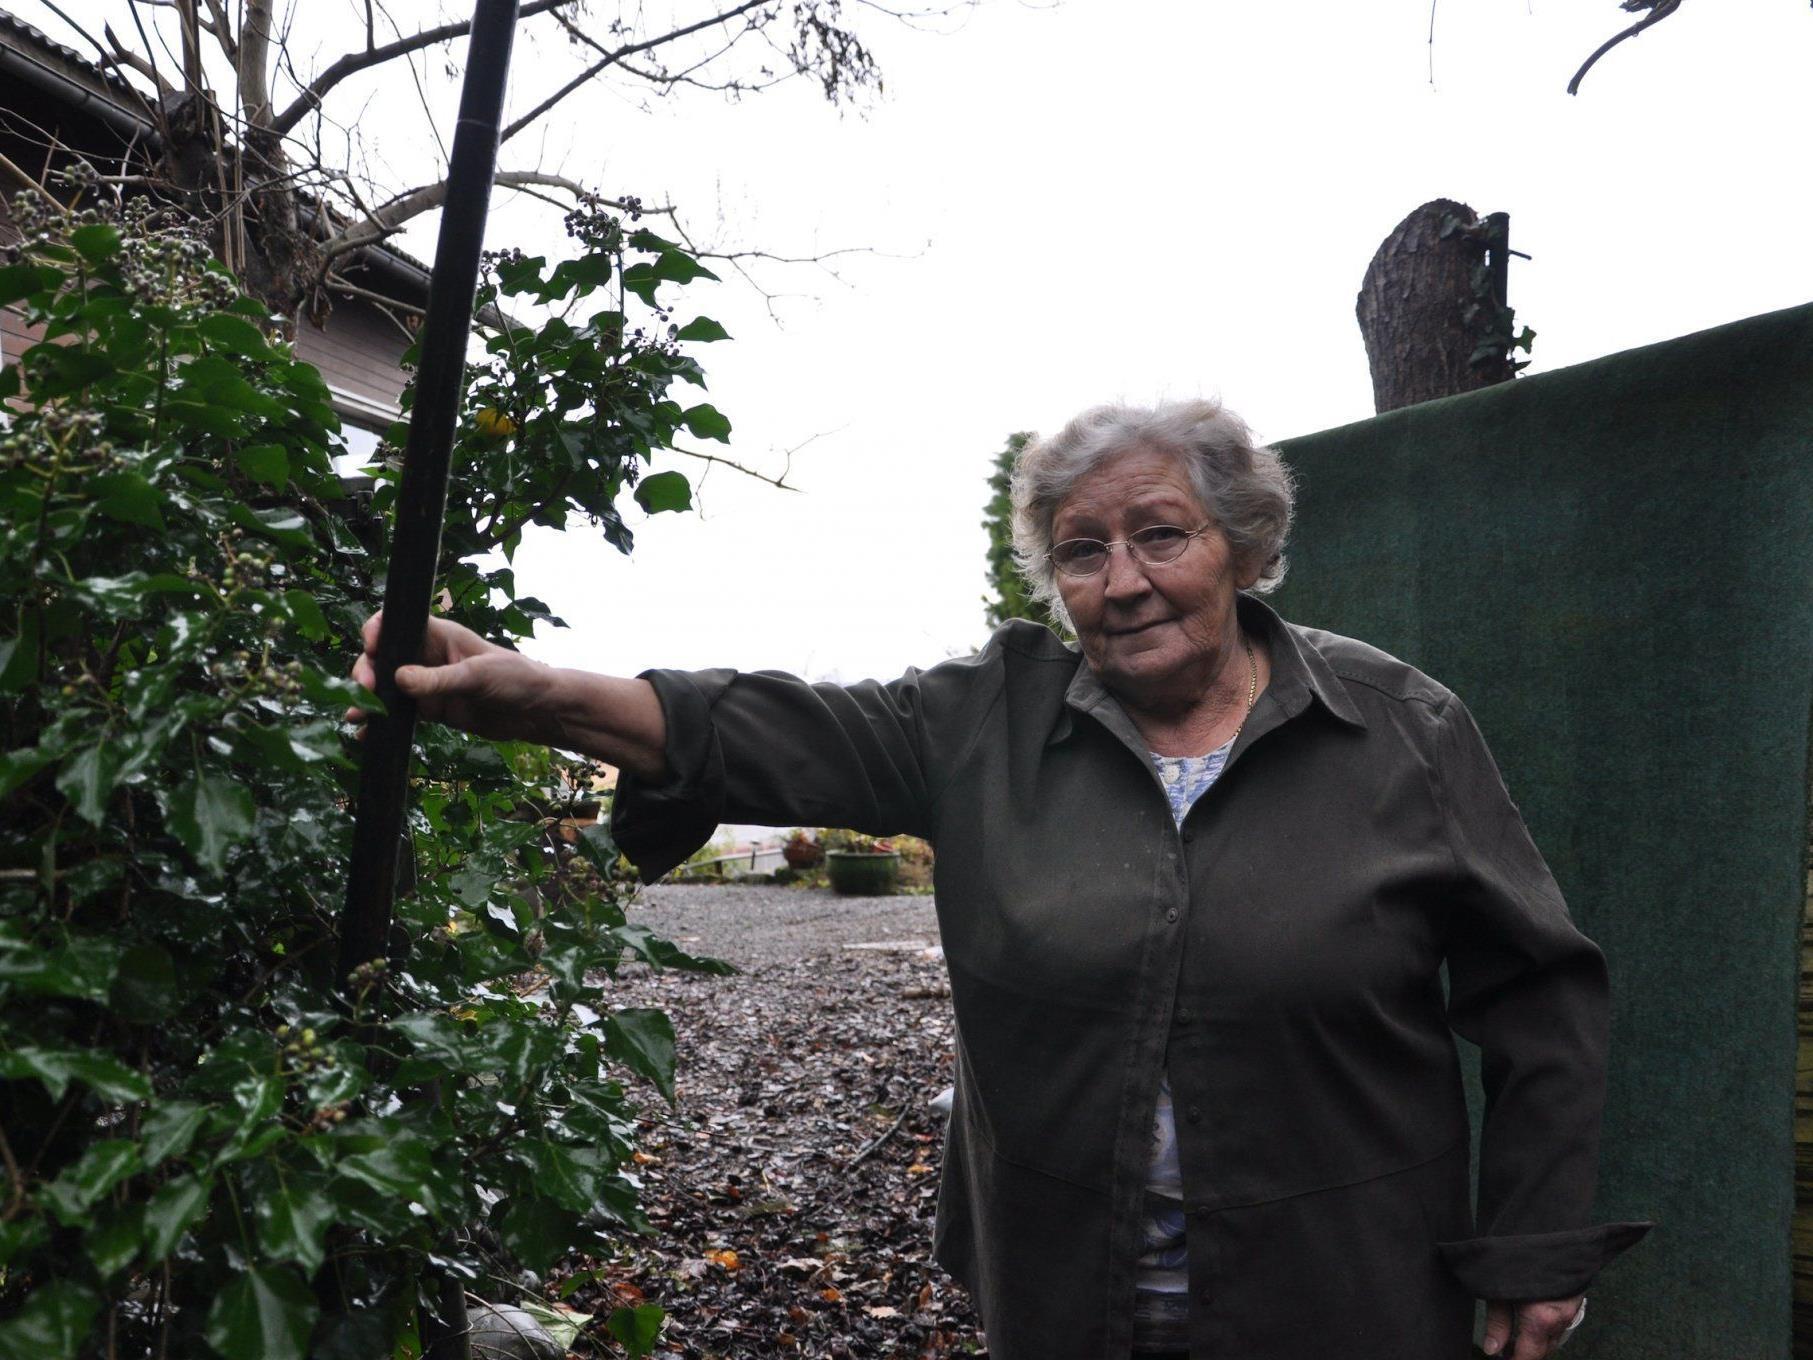 Reinhilde Meyer ist dankbar über die Hilfe von der Seniorenbörse.